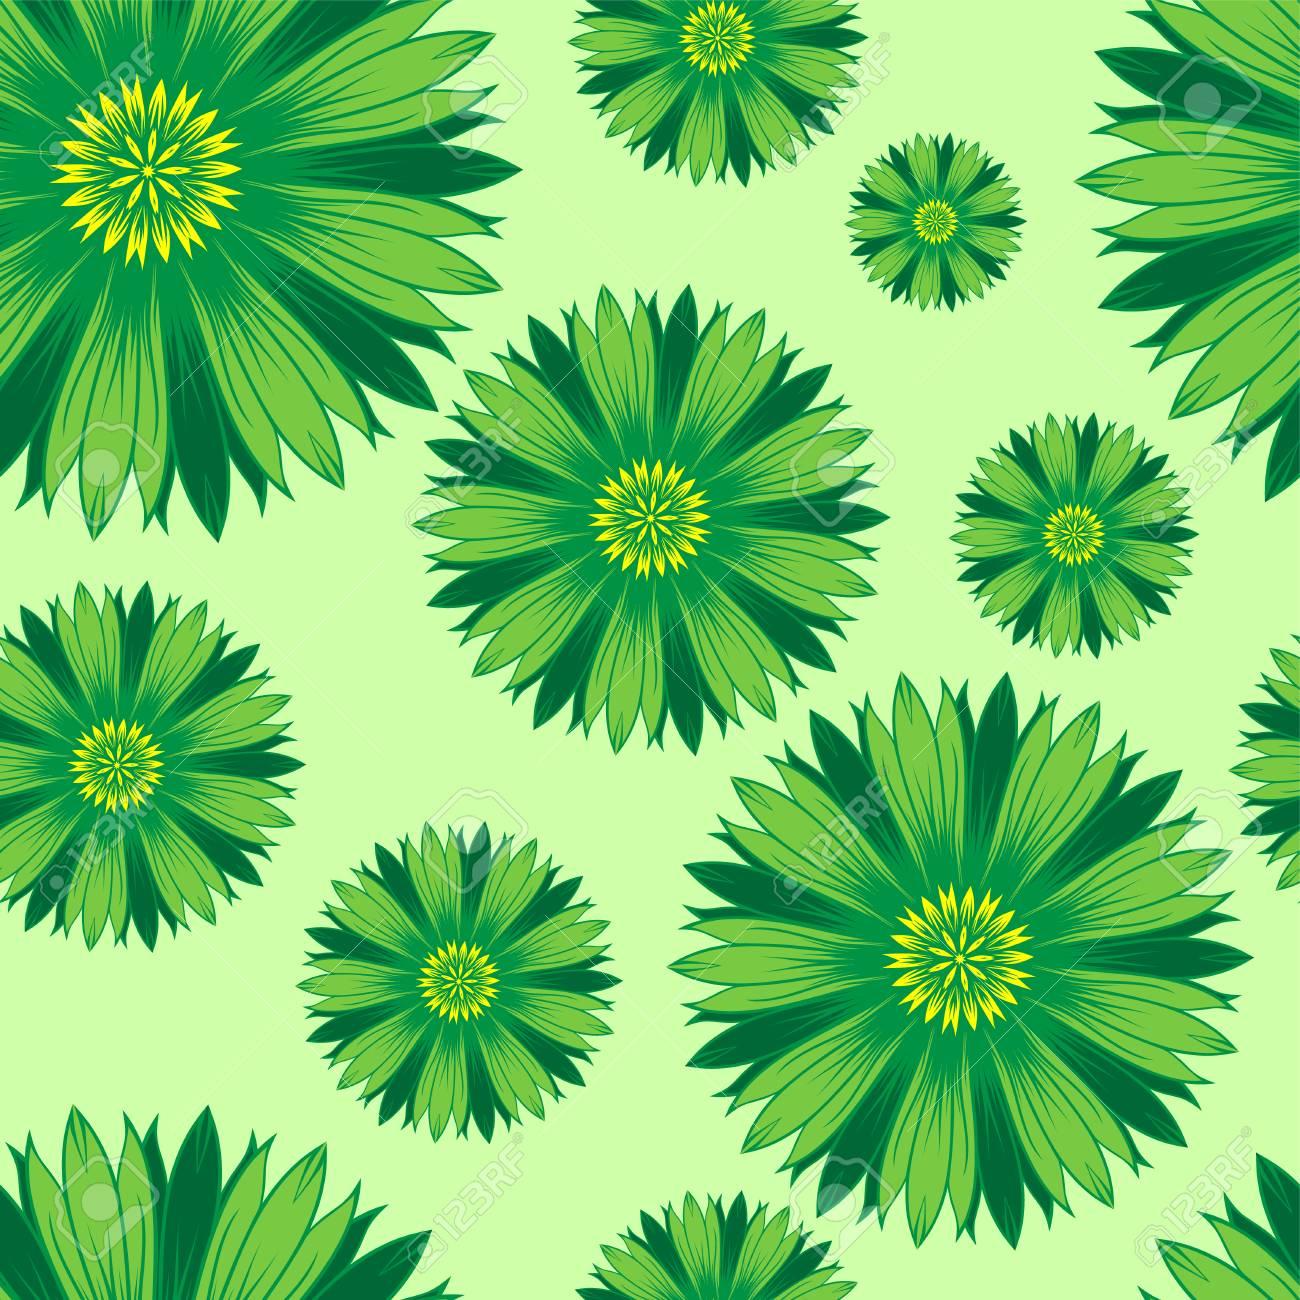 Vettoriale Illustrazione Vettoriale Sfondo Verde Senza Soluzione